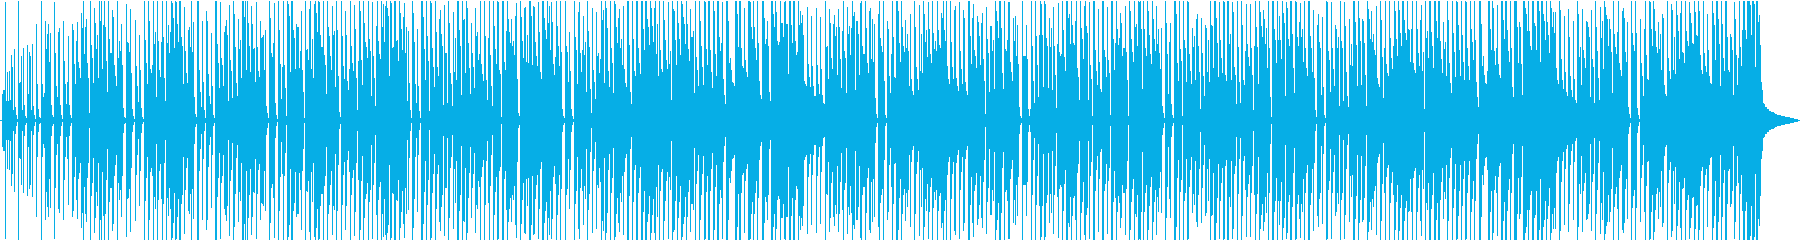 明るく軽いオープニング曲の再生済みの波形